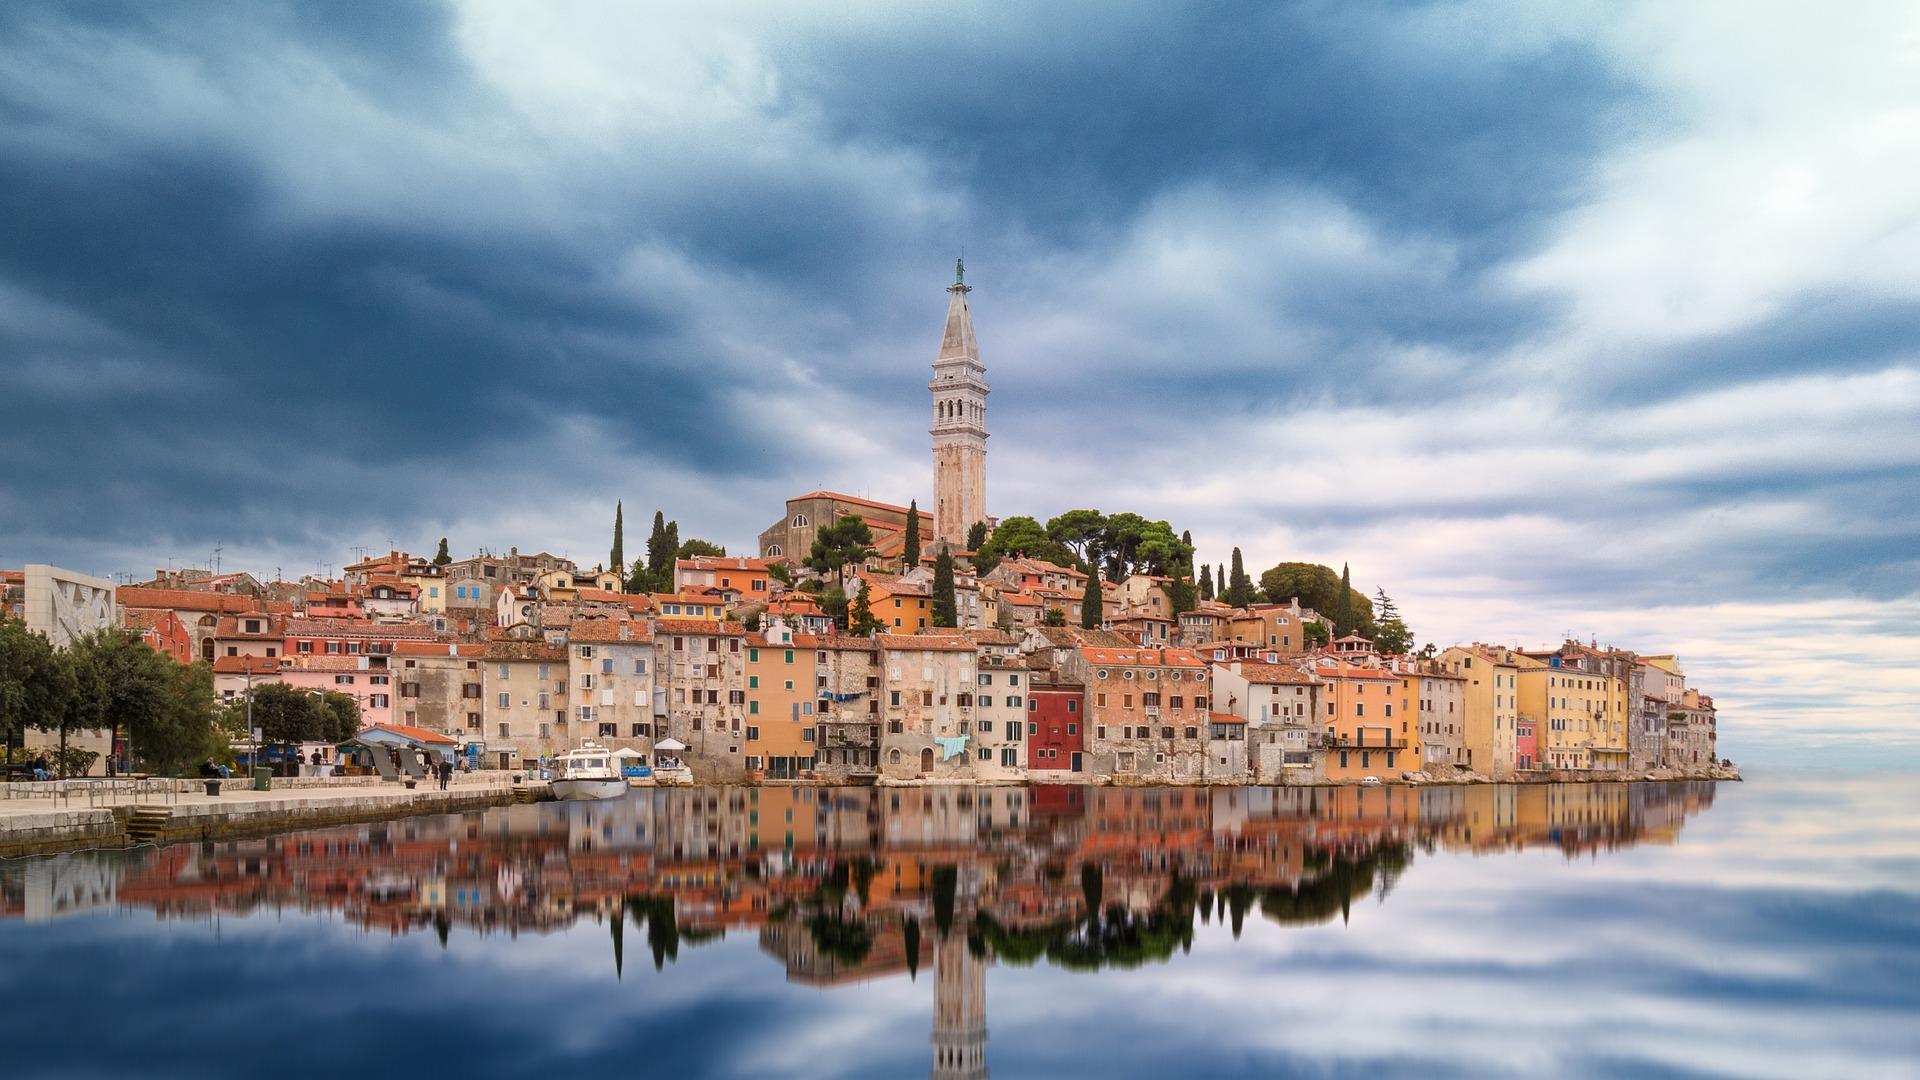 Ferienhausurlaub in Kroatien